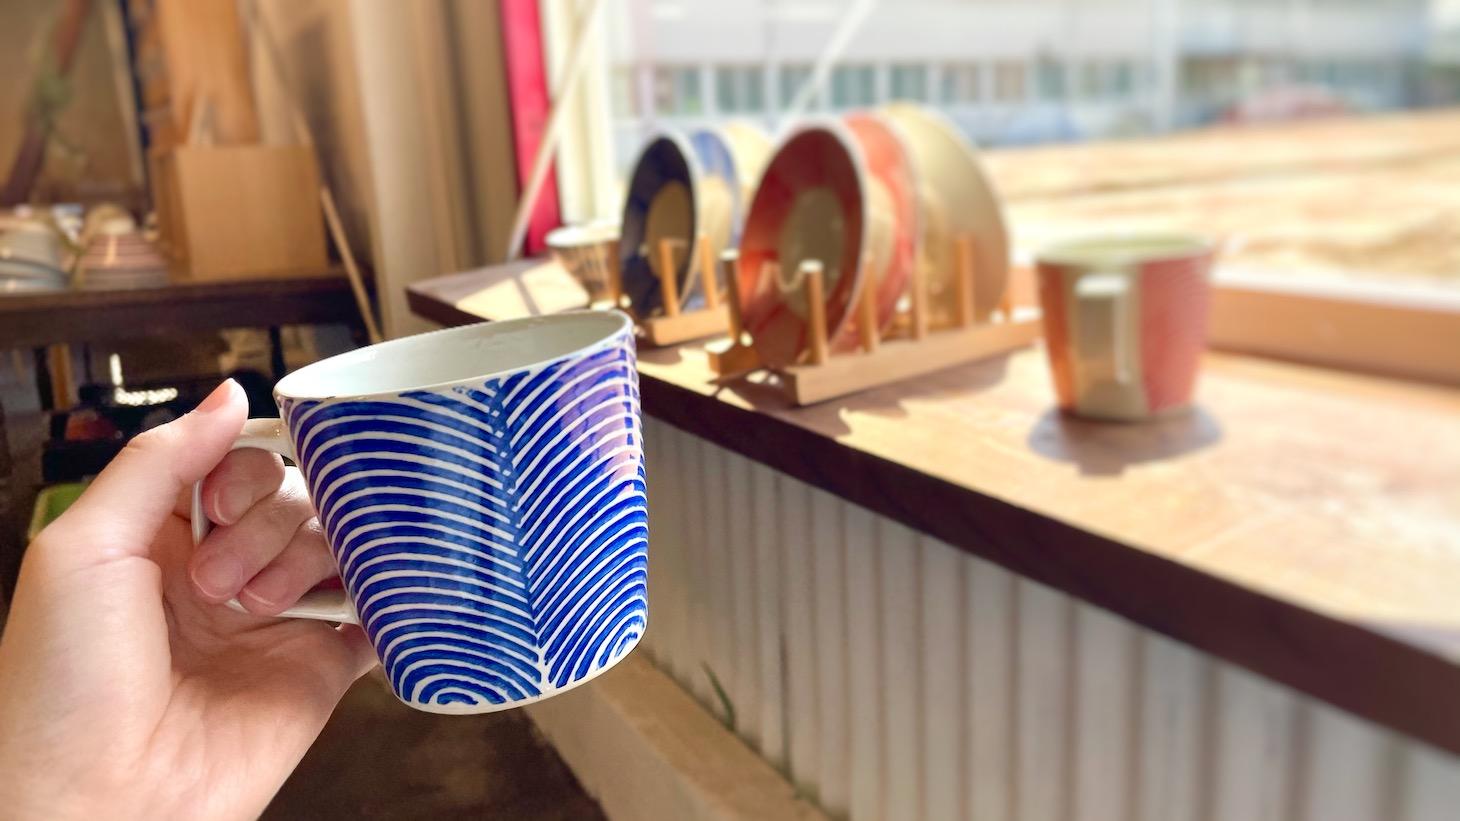 シマシマ模様のカップ